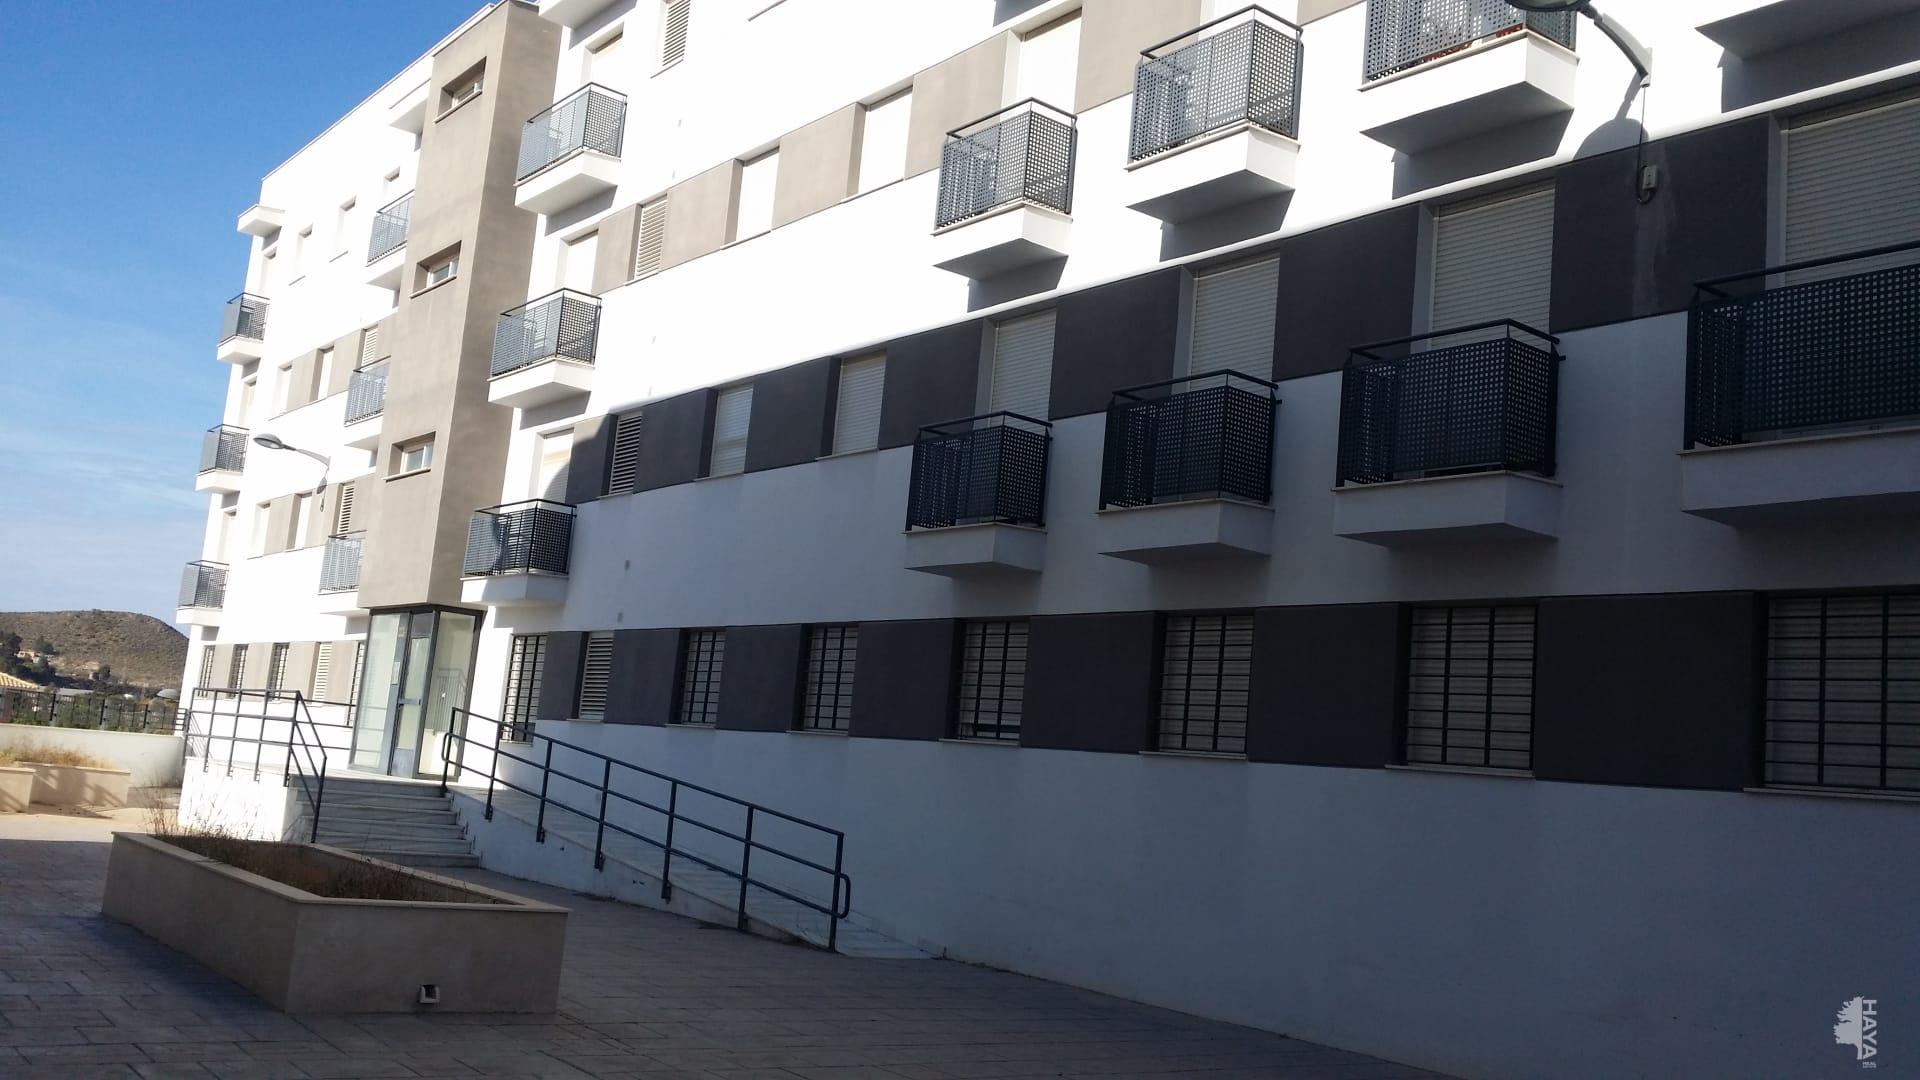 Piso en venta en Olula del Río, Almería, Calle Alta, 53.100 €, 3 habitaciones, 1 baño, 87 m2